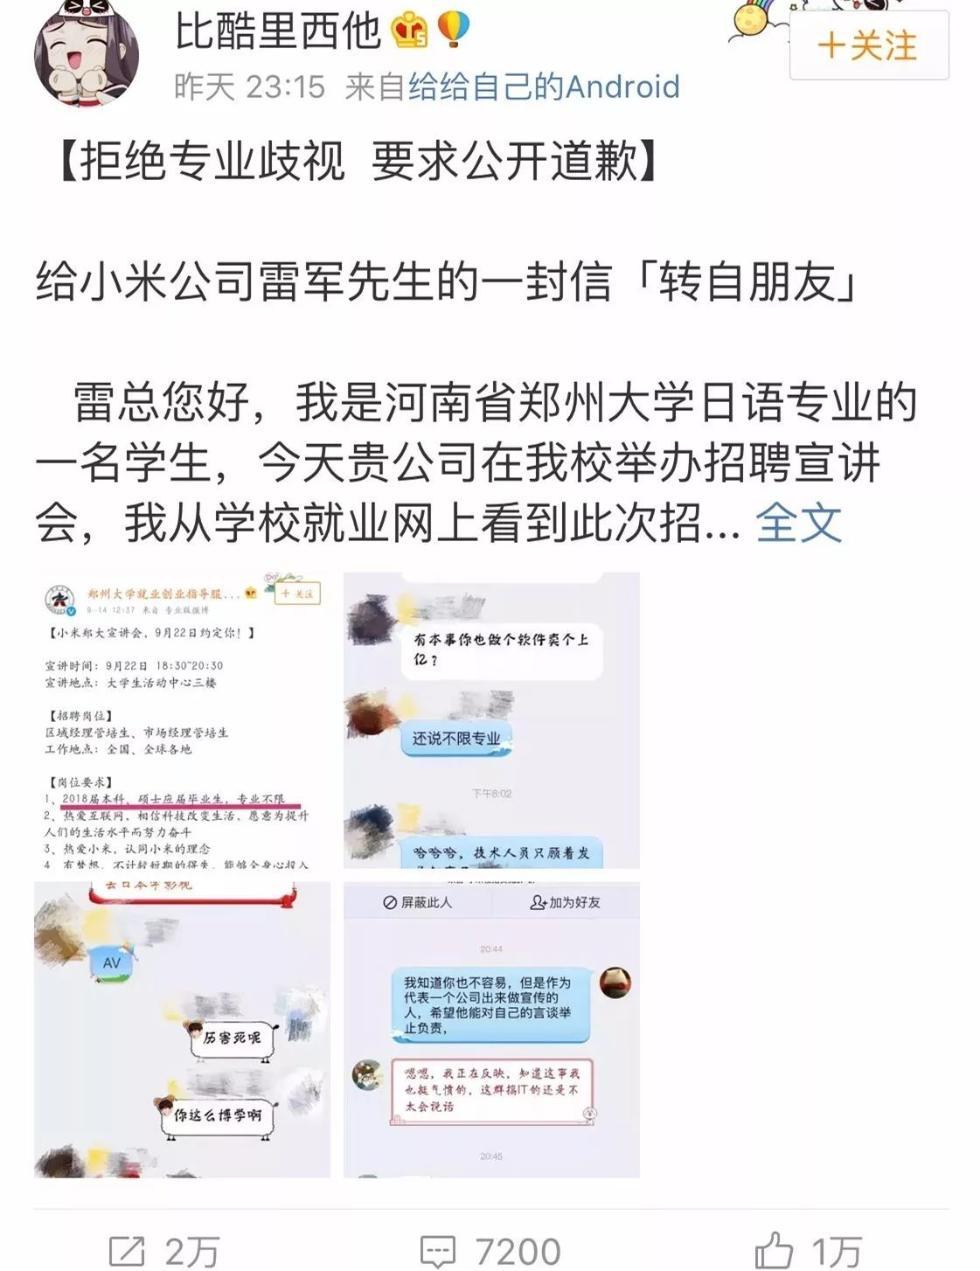 @雷军,小米招聘会把日语专业大学生惹毛了!